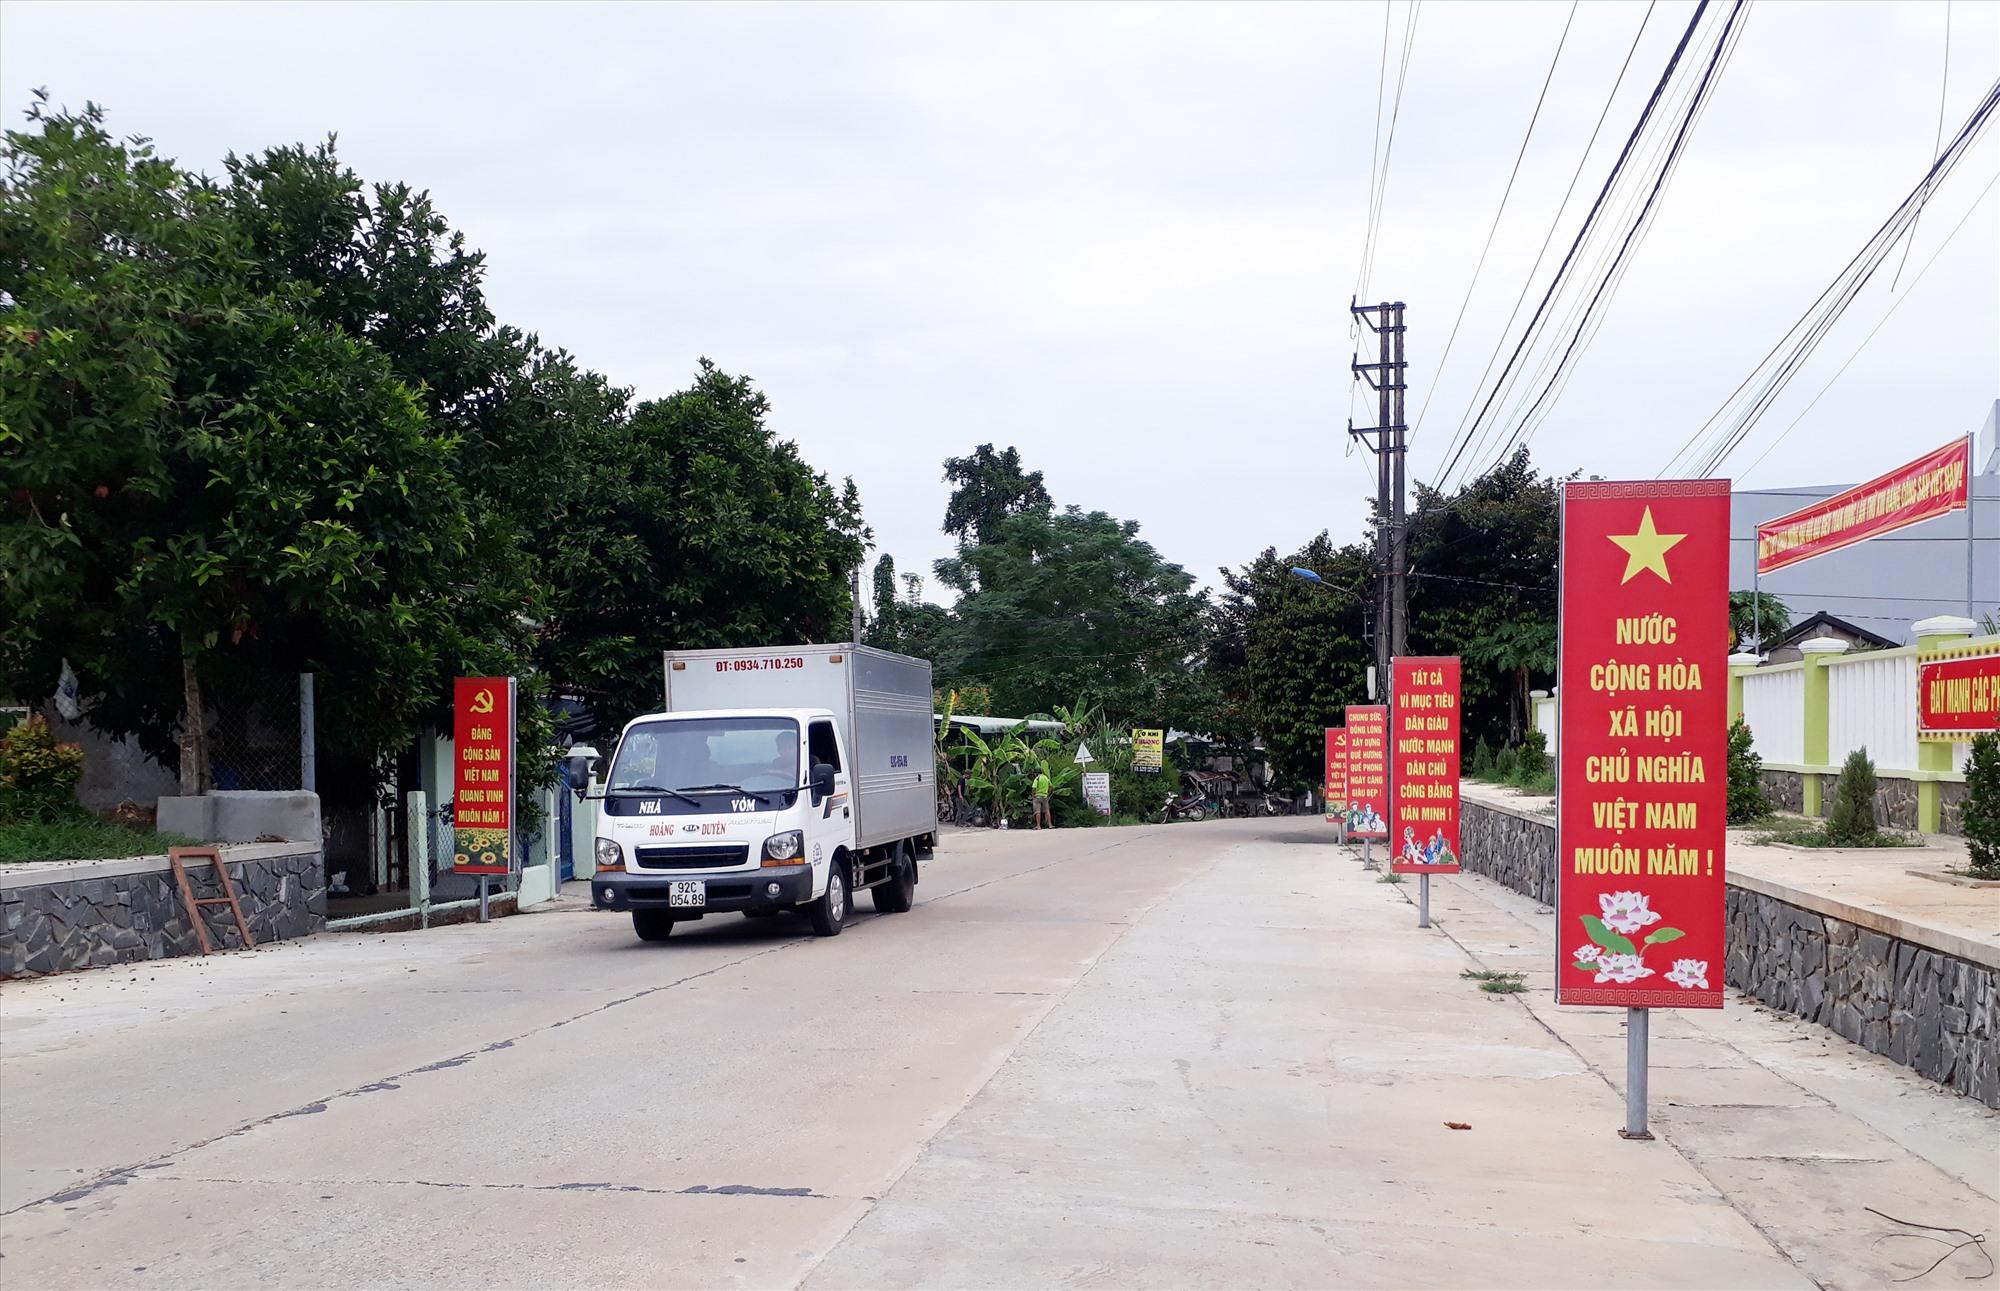 Hạ tầng giao thông xã Quế Phong được xây dựng kiên cố, khang trang. Ảnh: T.L